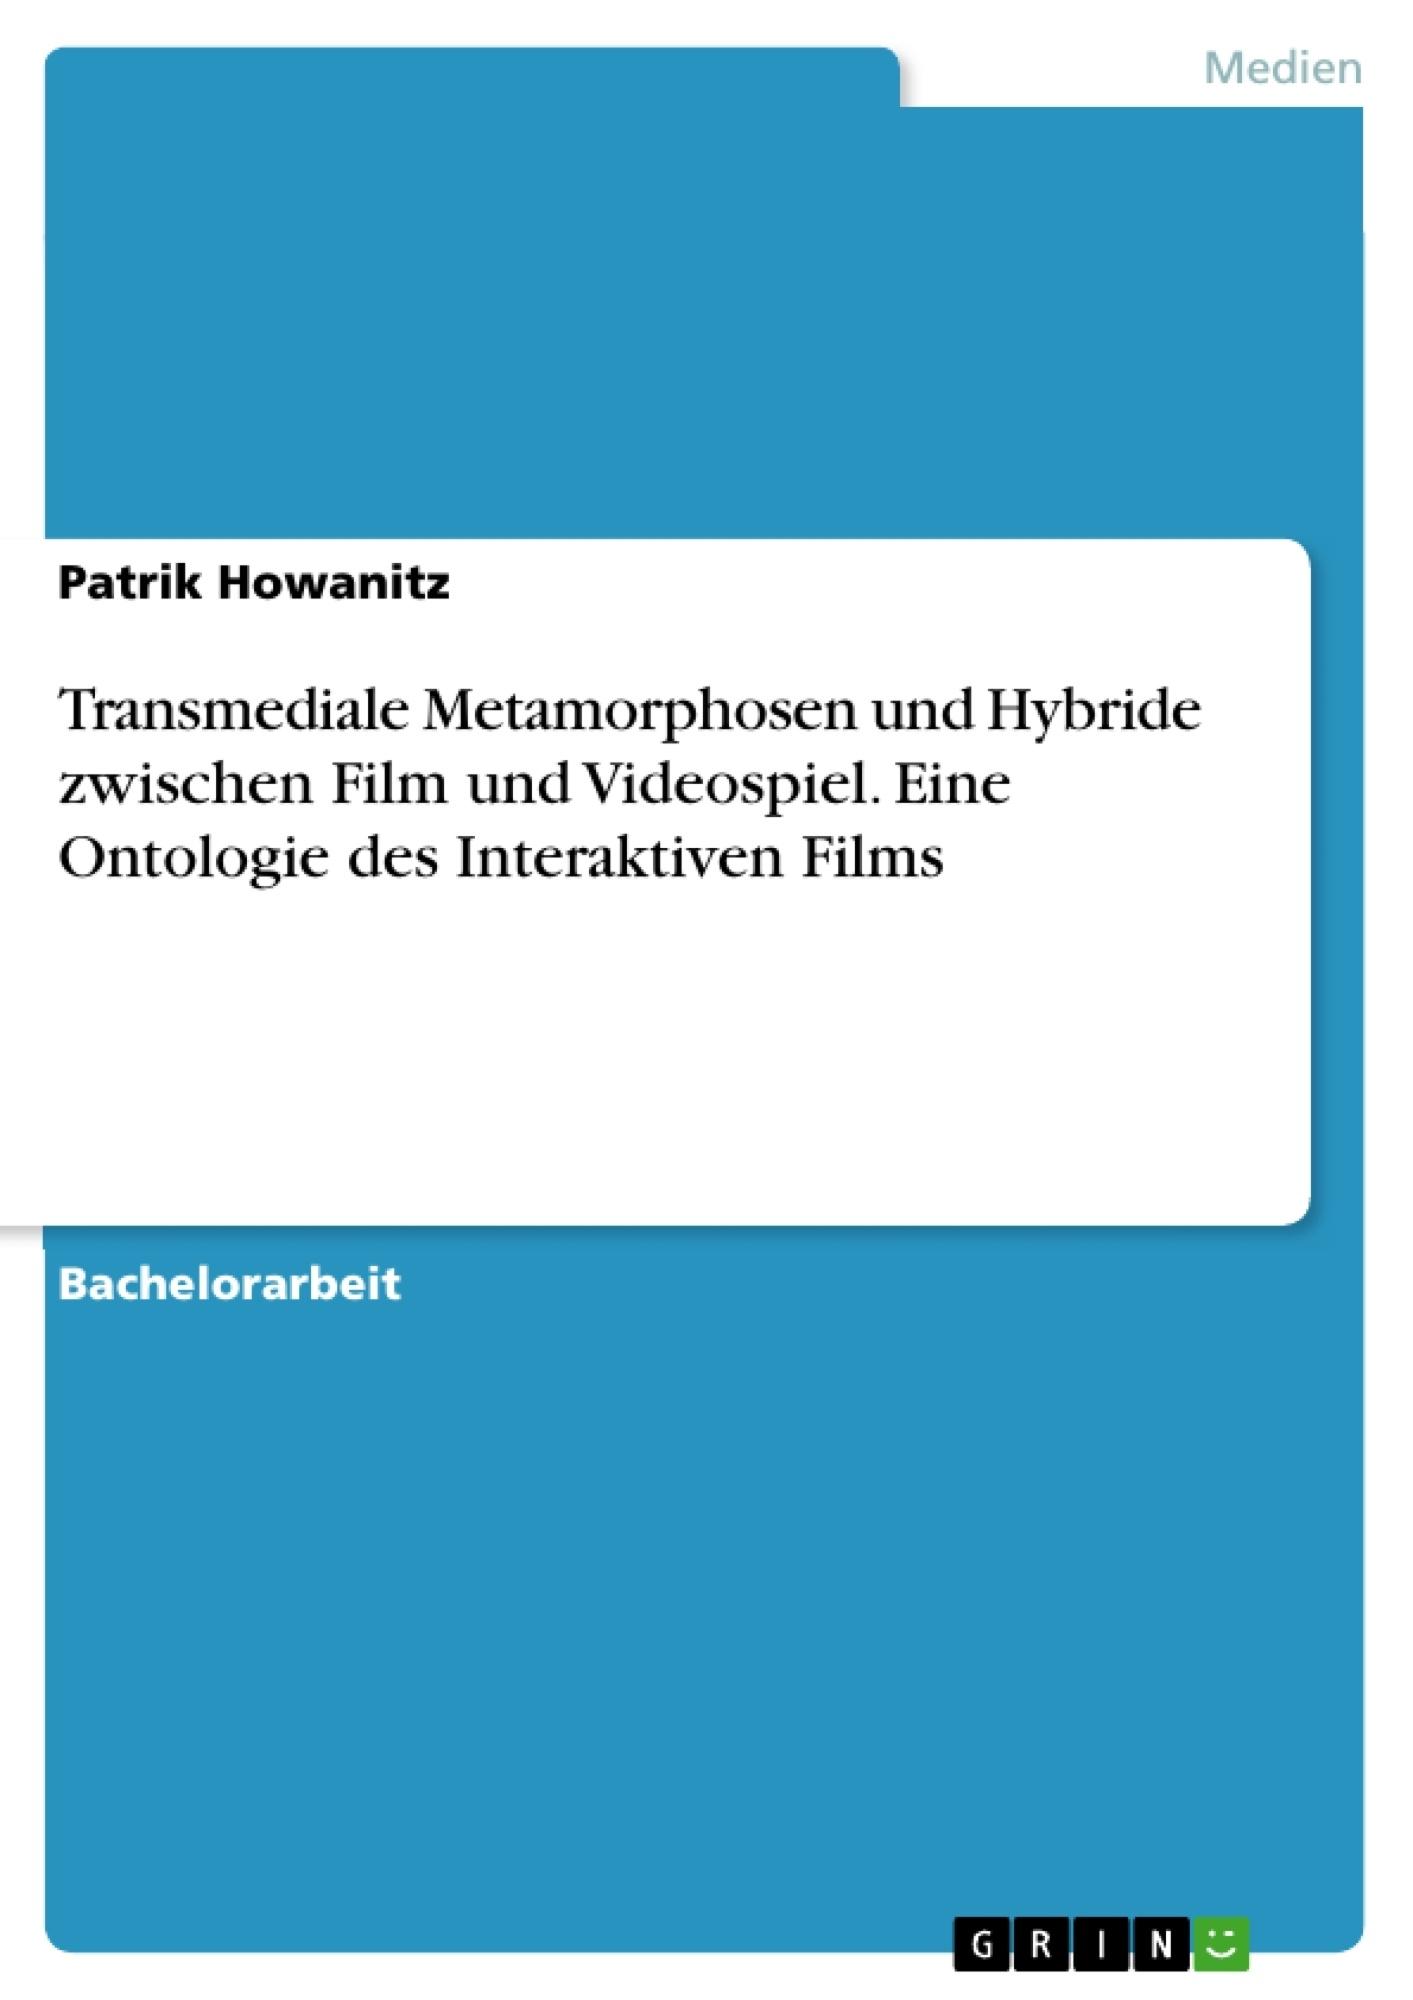 Titel: Transmediale Metamorphosen und Hybride zwischen Film und Videospiel. Eine Ontologie des Interaktiven Films